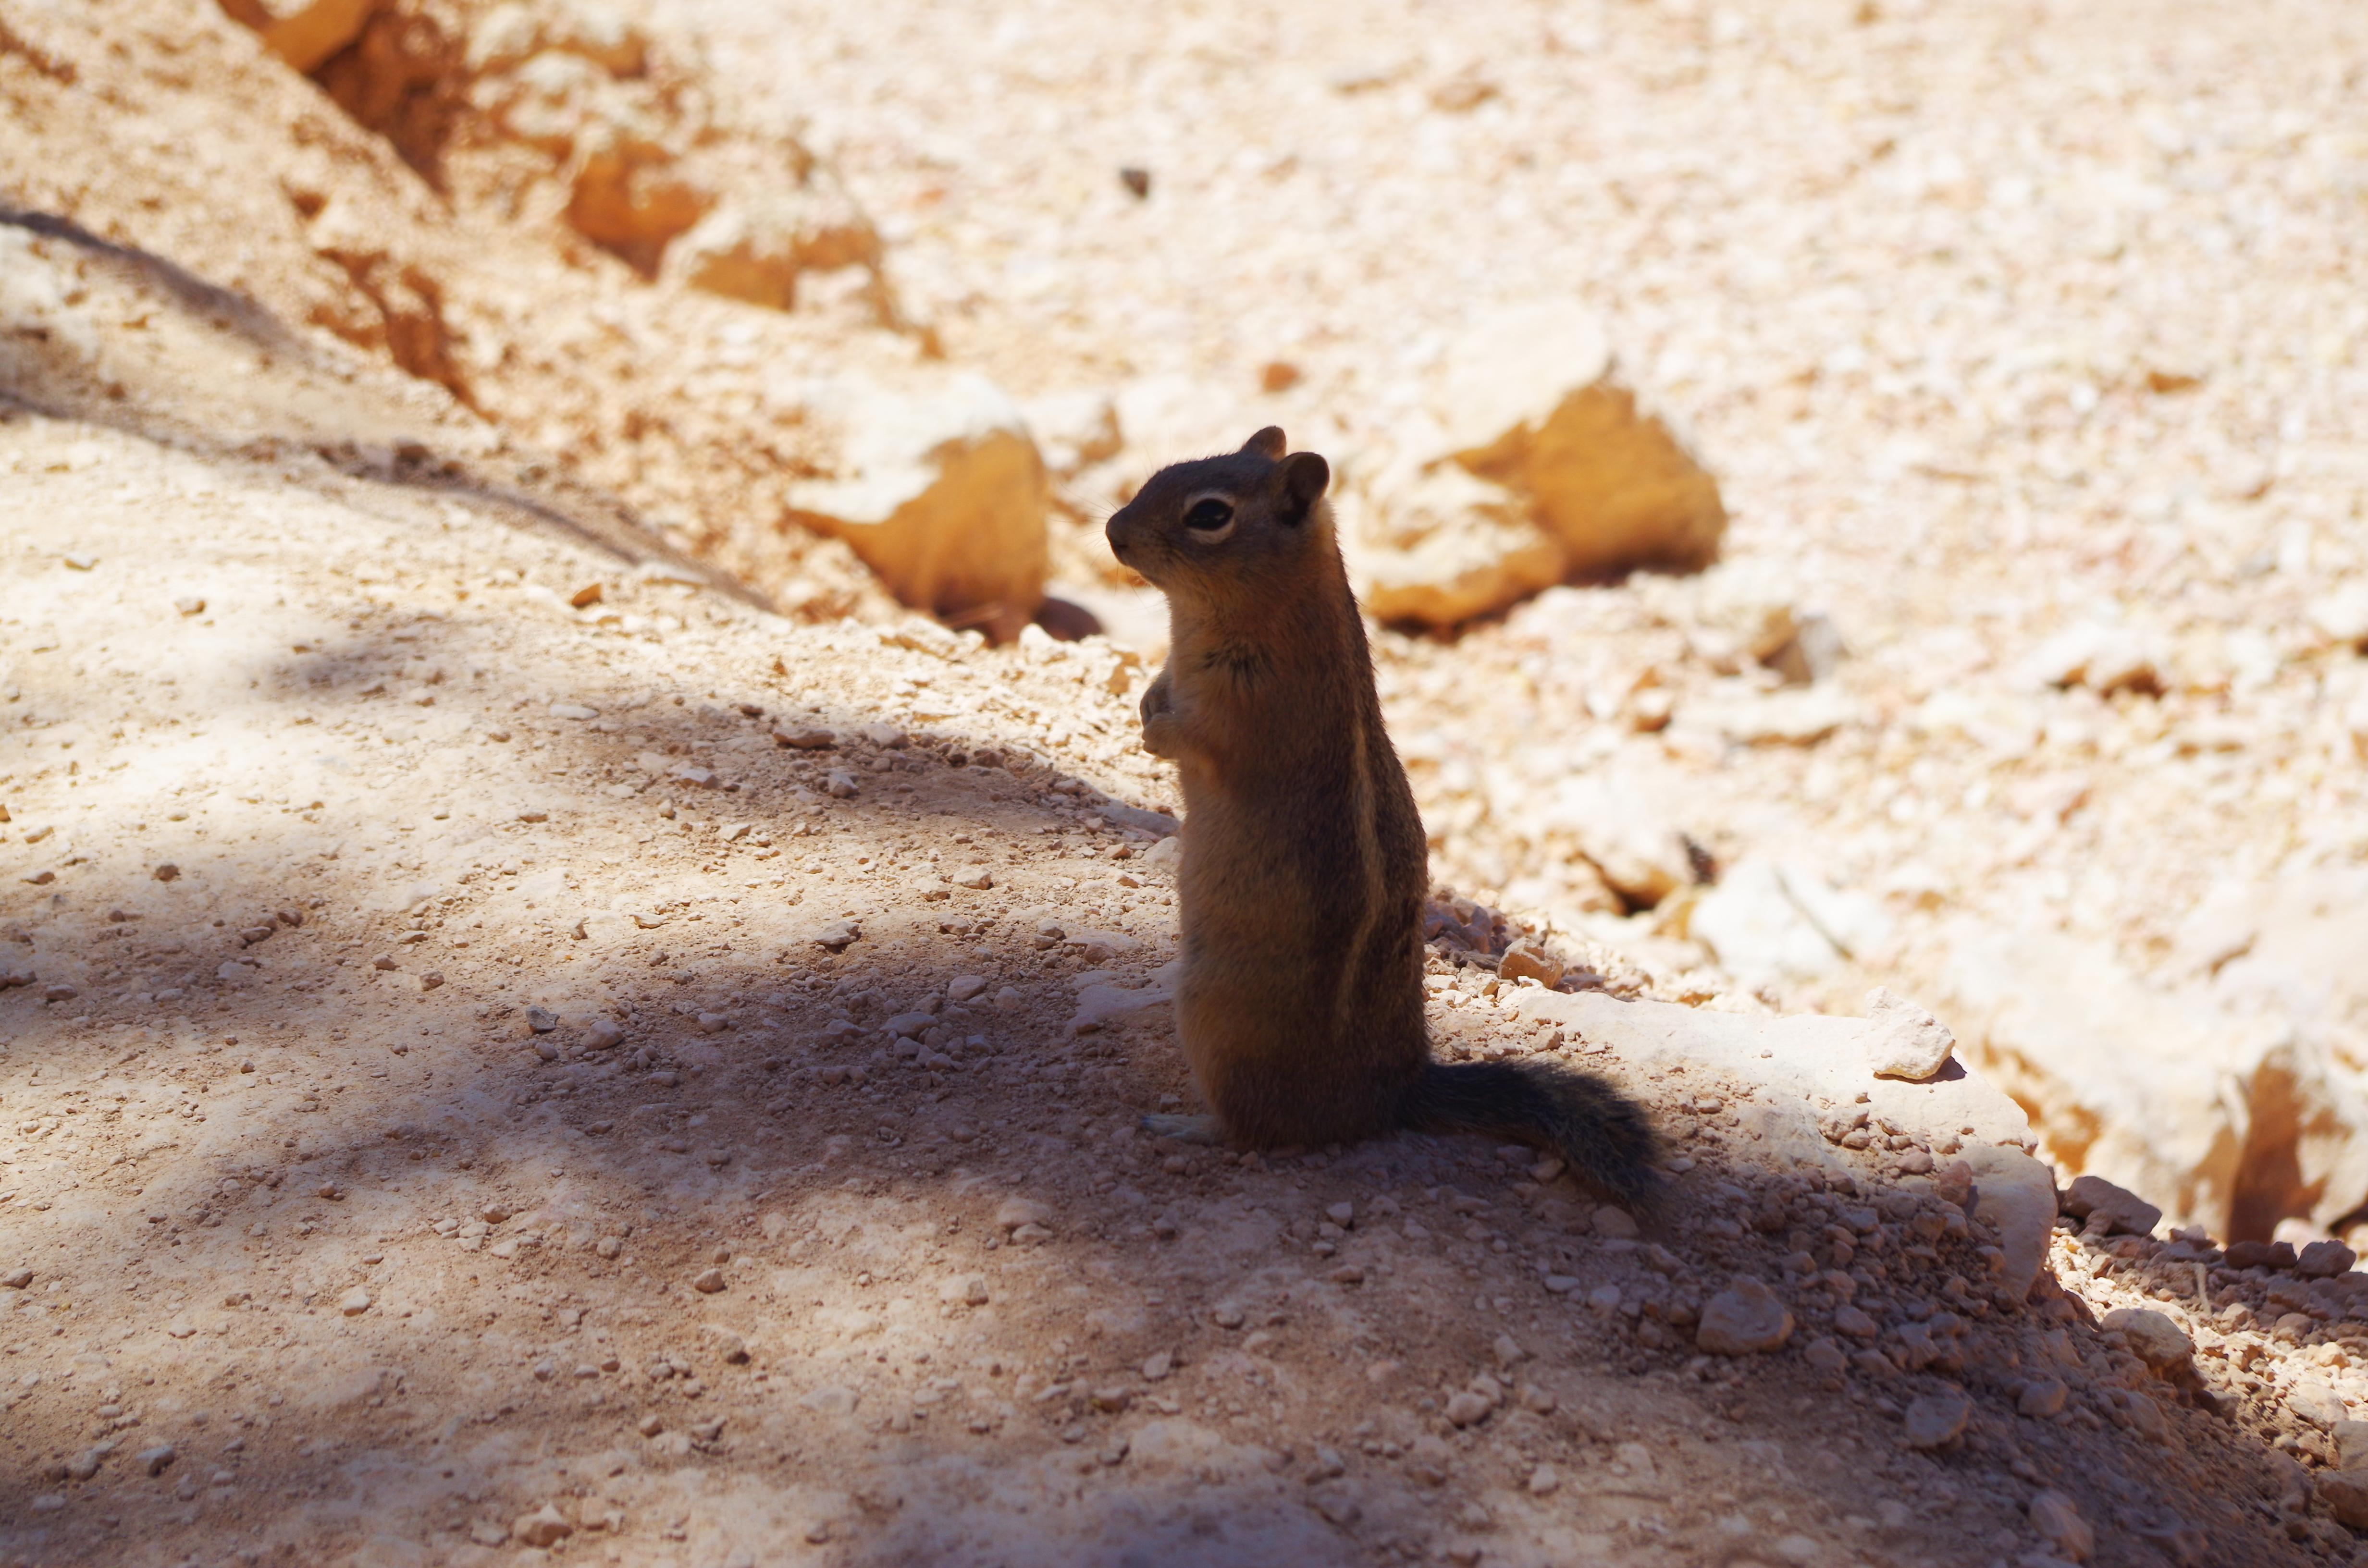 Auf den Trails im Bryce Canyon begegnen Euch regelmäßig diese niedlichen Chipmunks, die alles andere als scheu sind.